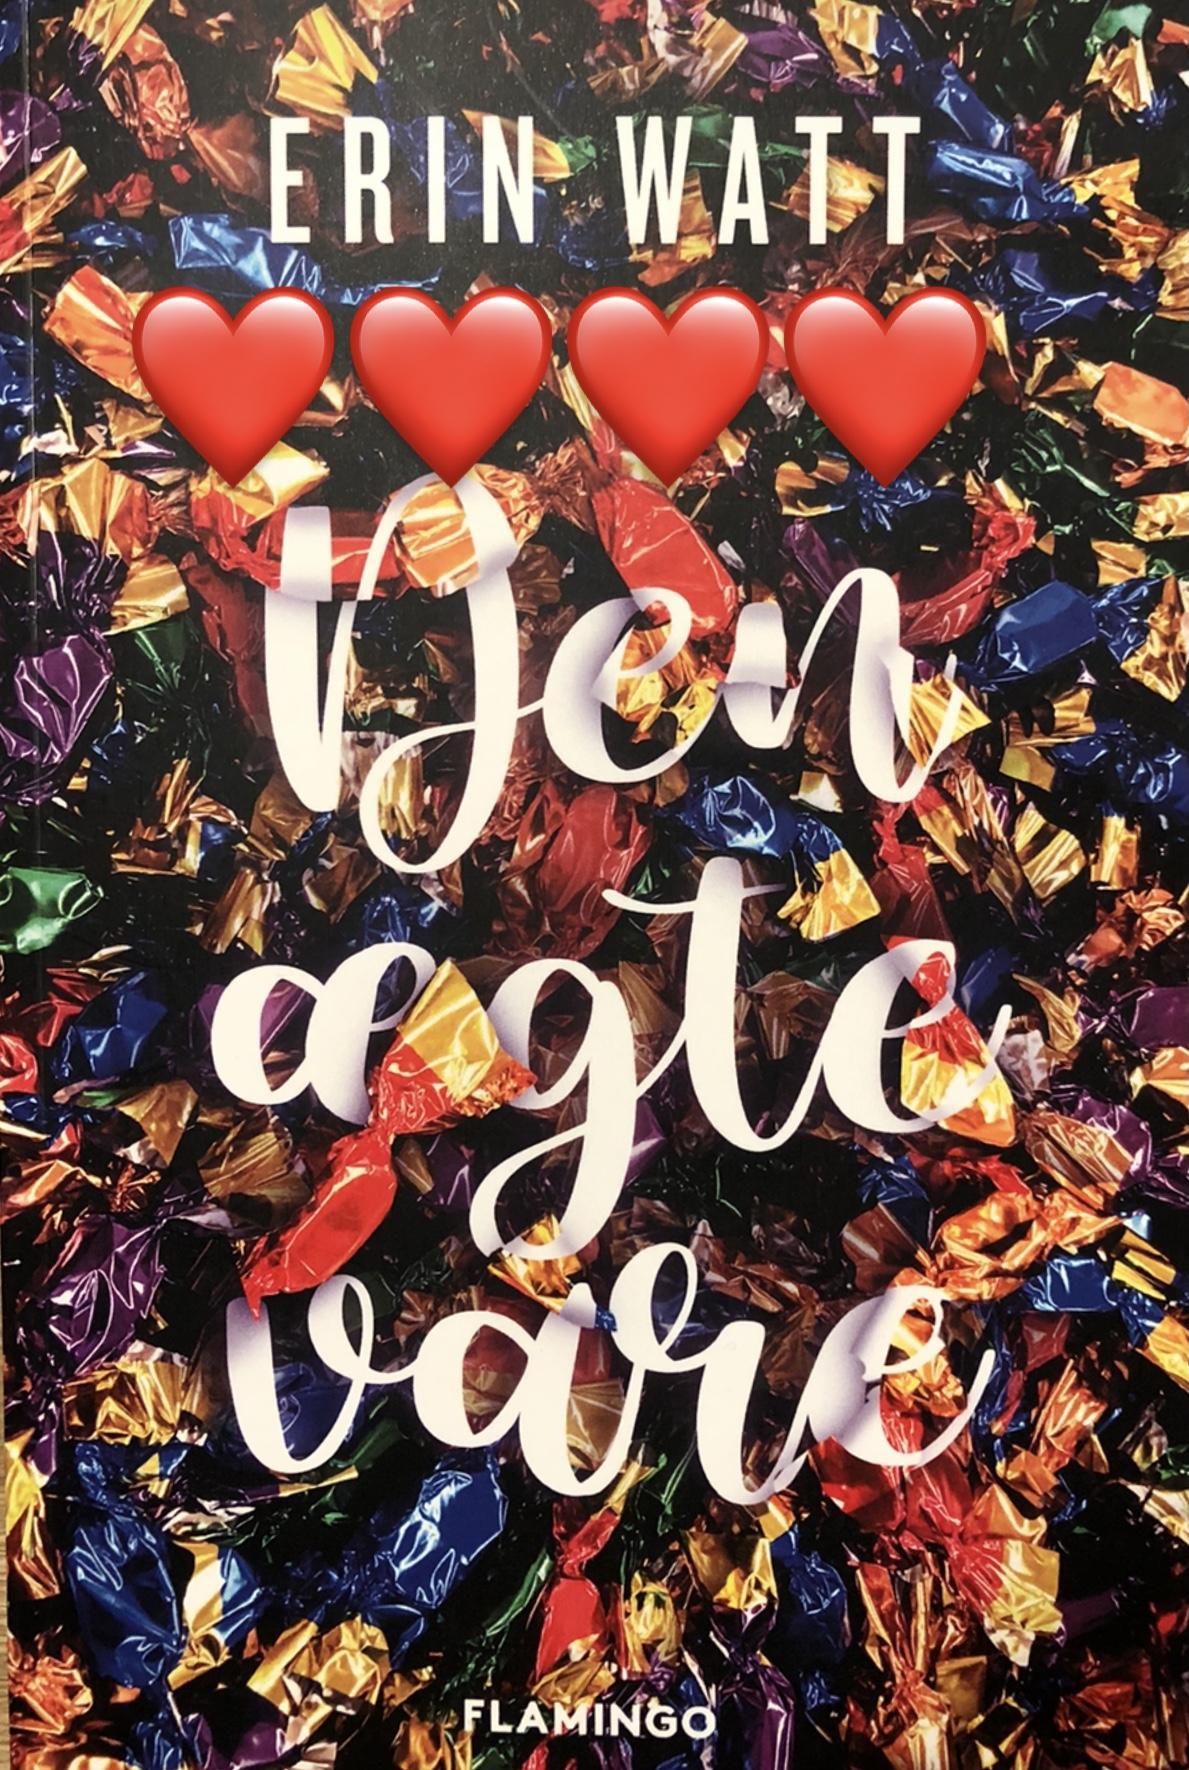 Den ægte vare, Erin watt, Elle Kennedy, Jen Frederick, When it's real, kærlighed, fake boyfriend, anmeldelse af Den ægte vare, Erin Watt anmeldelse, anmeldelse, Flamingo, flamingo books, krummeskrummelurer, krummeskrummelurer.dk, boganmeldelse, boganmeldelser på nettet, bøger på Instagram, bøger jeg læser, bøger jeg anbefaler, Christina Rand, anbefal